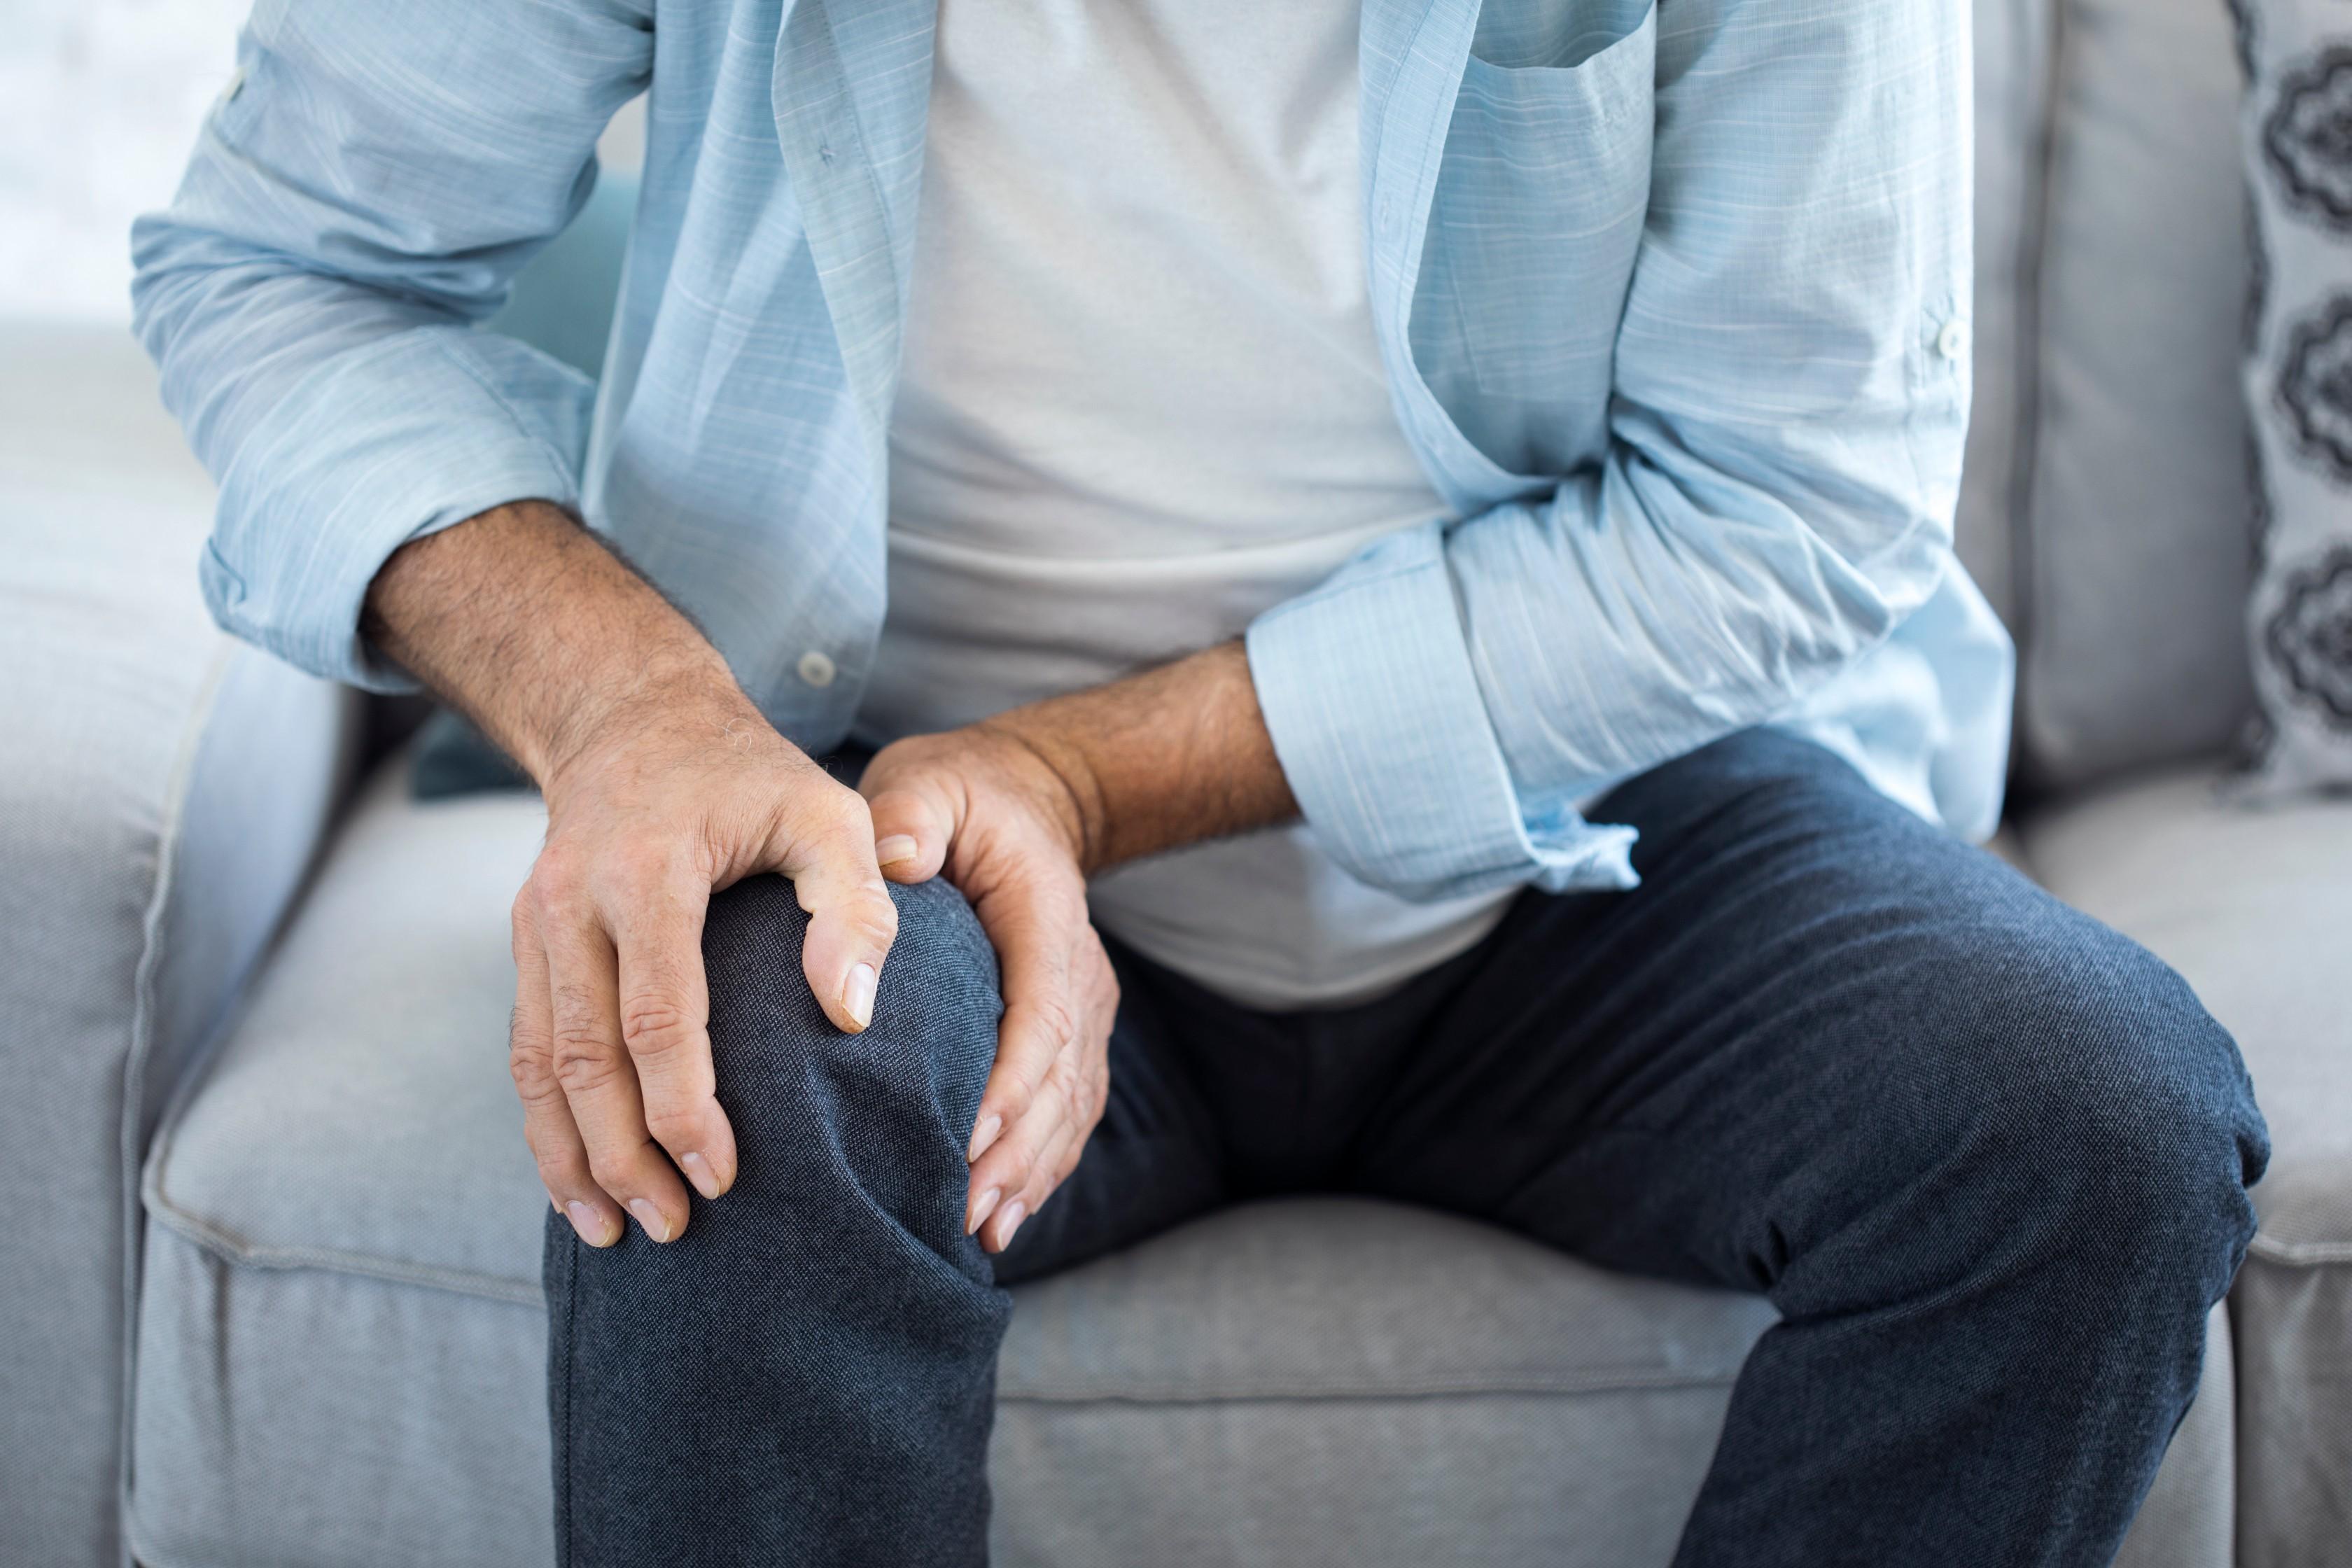 minden ízület repedés fájdalom nélkül kezelést okoz